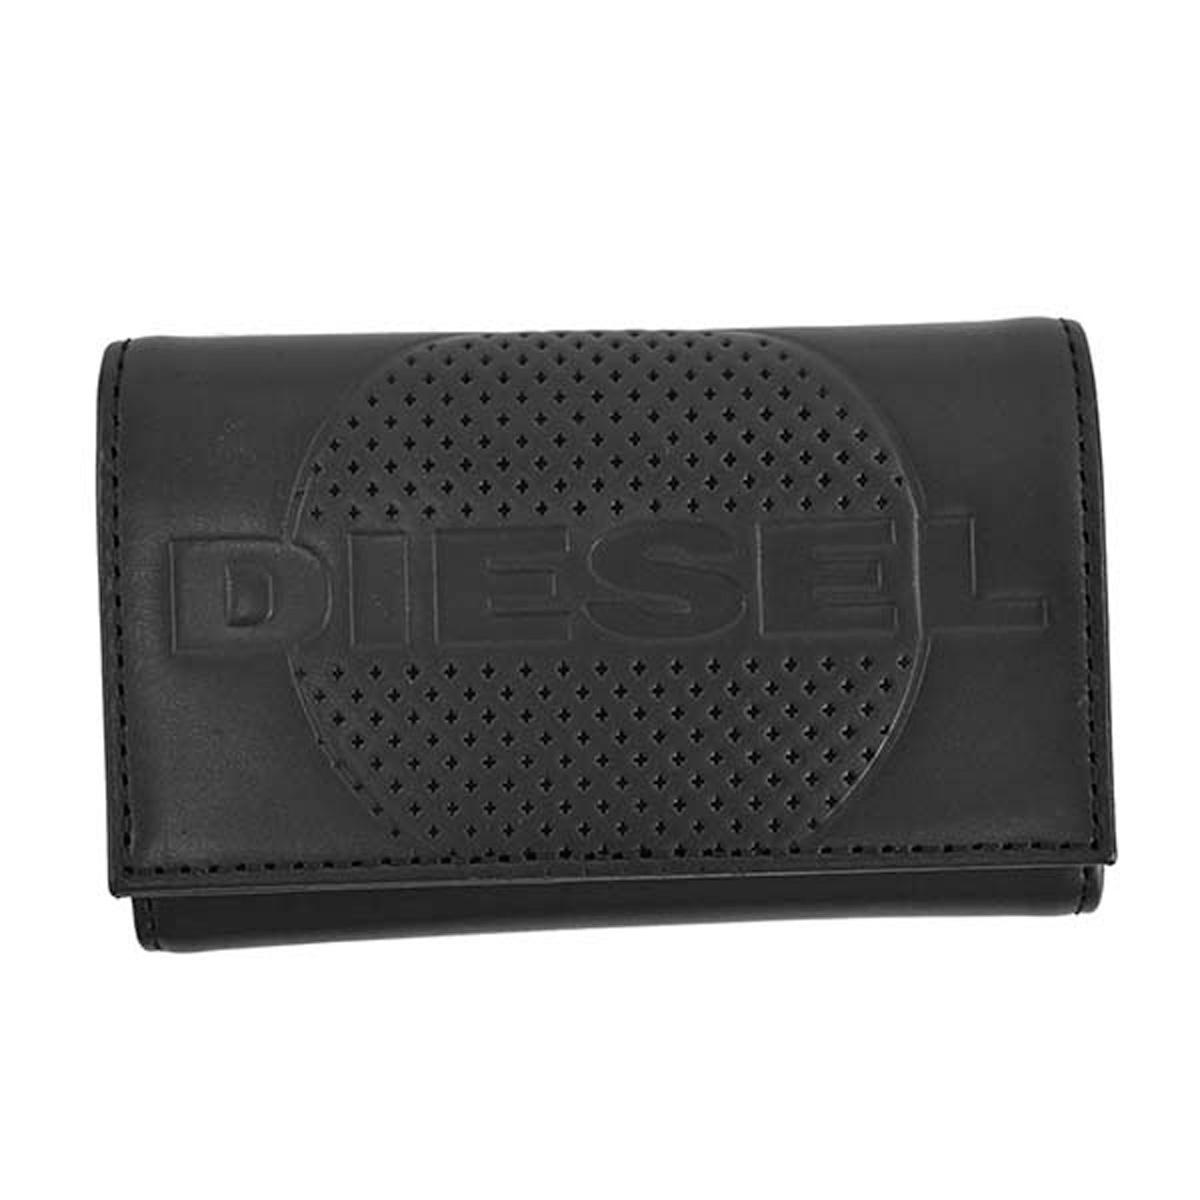 ディーゼル DIESEL キーケース X06654 PR160 T8013 KEYCASE II EMBOGO キーリング付 6連キーケース スマートキー BLACK ブラック